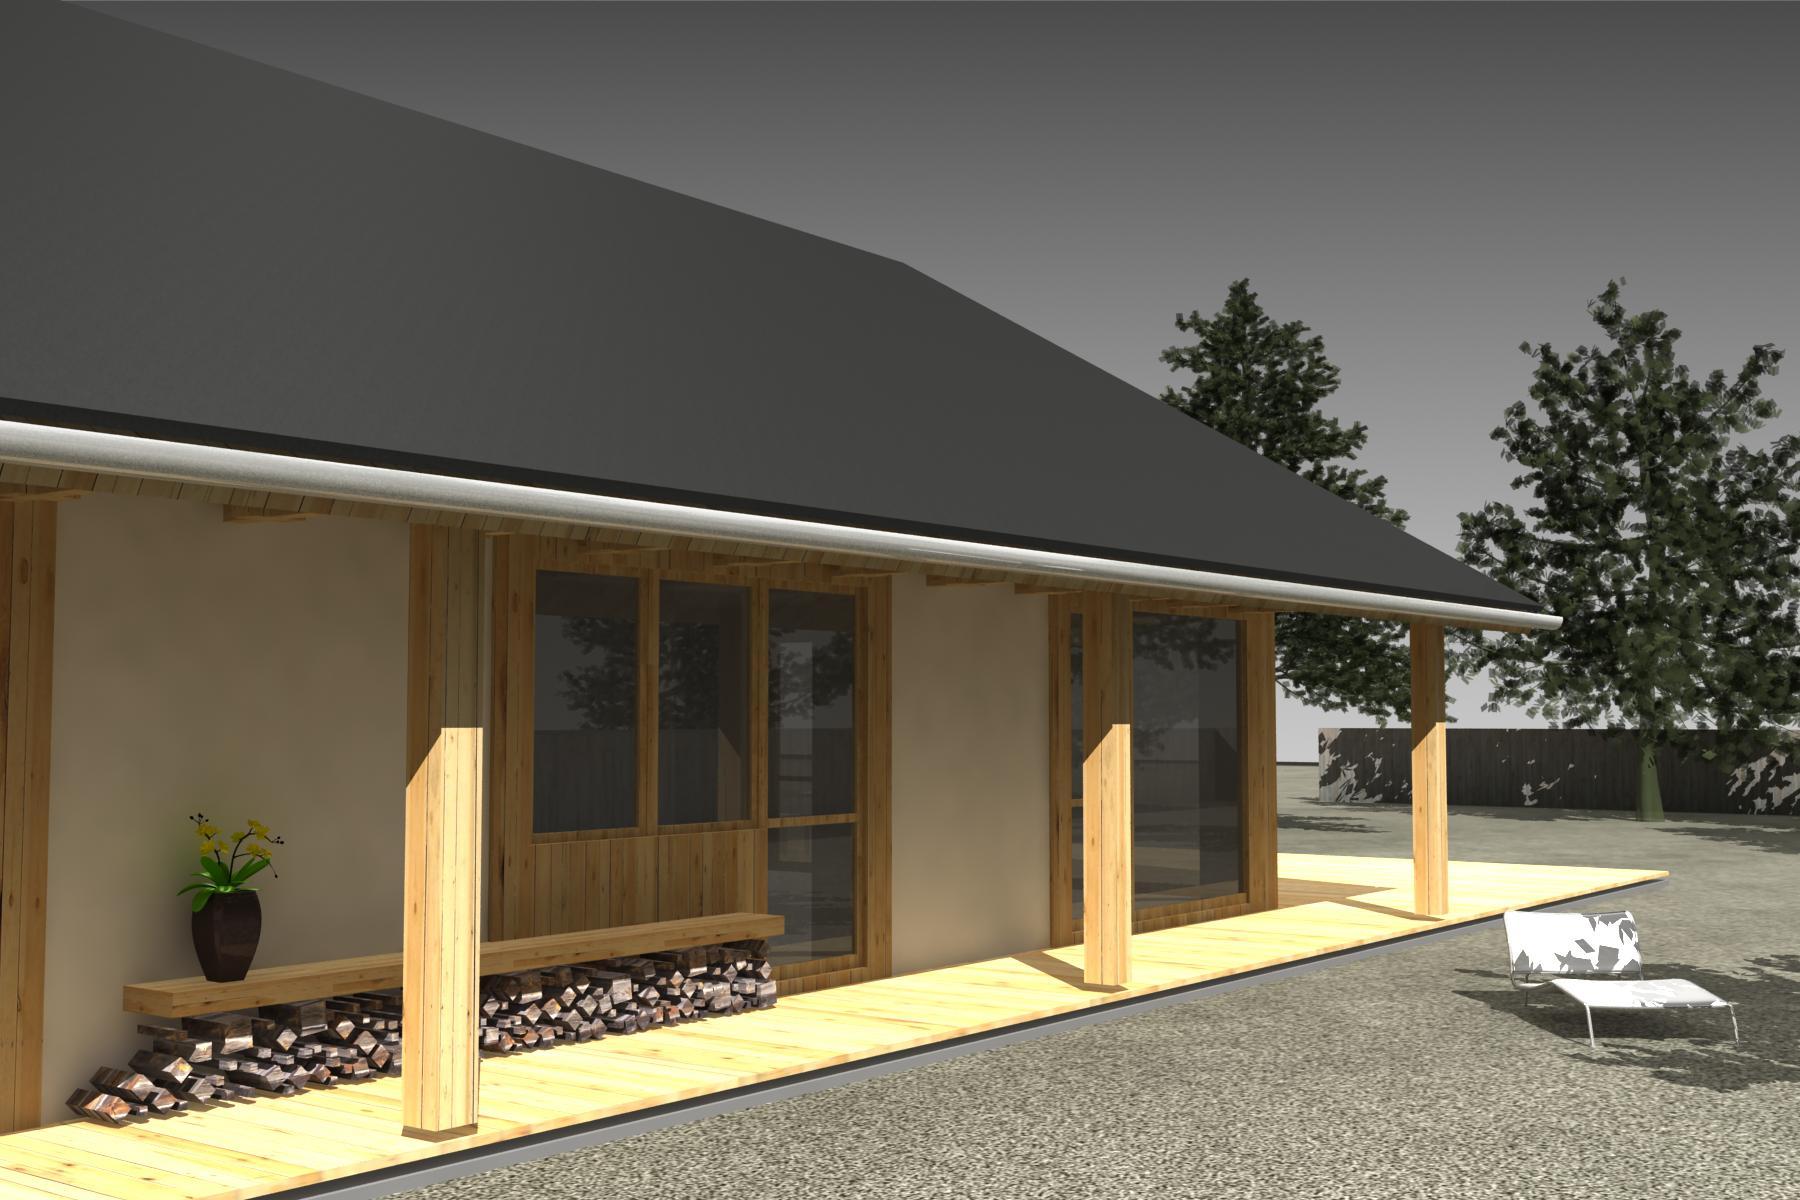 Projekt stavby rodinného domu III 03